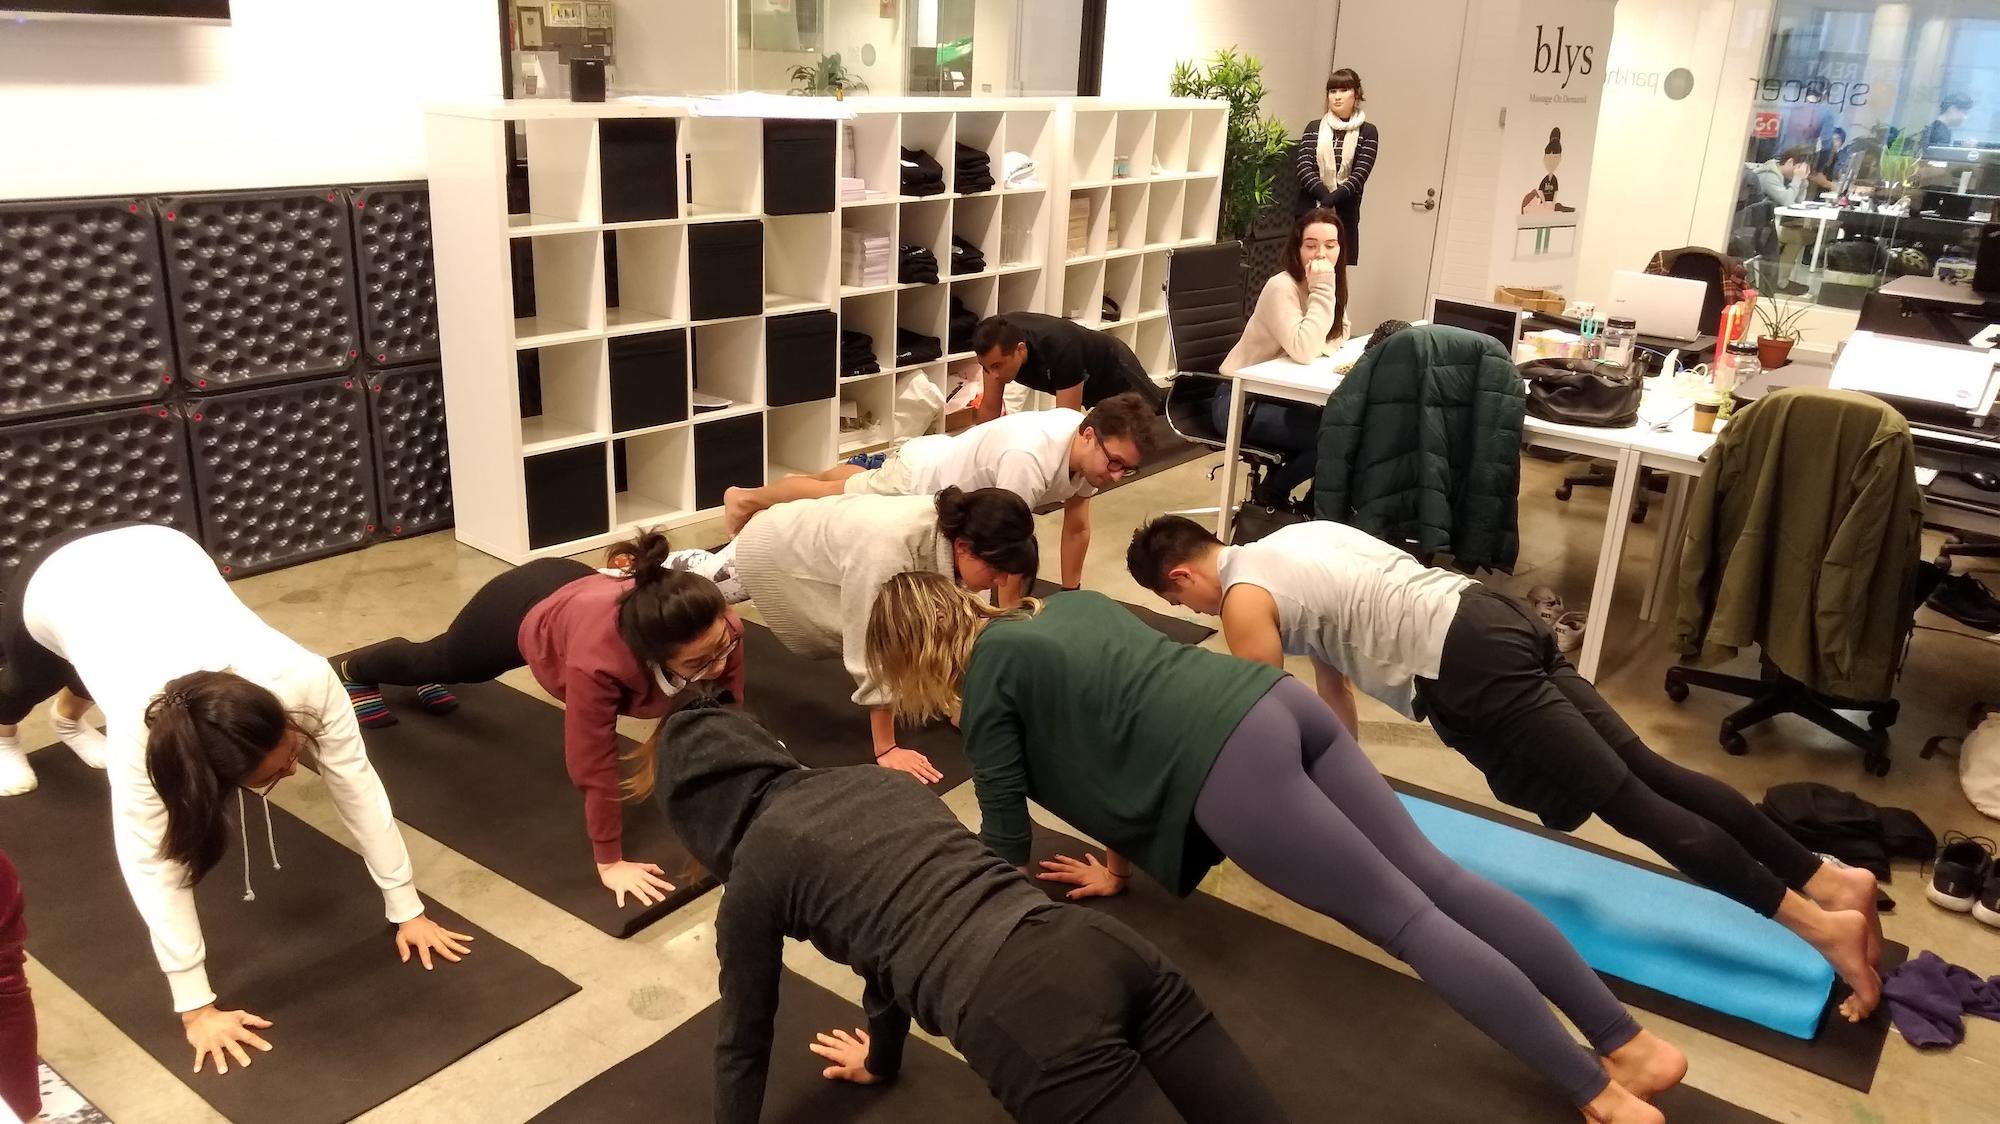 get blys mobile massage on demand Sydney yoga office team